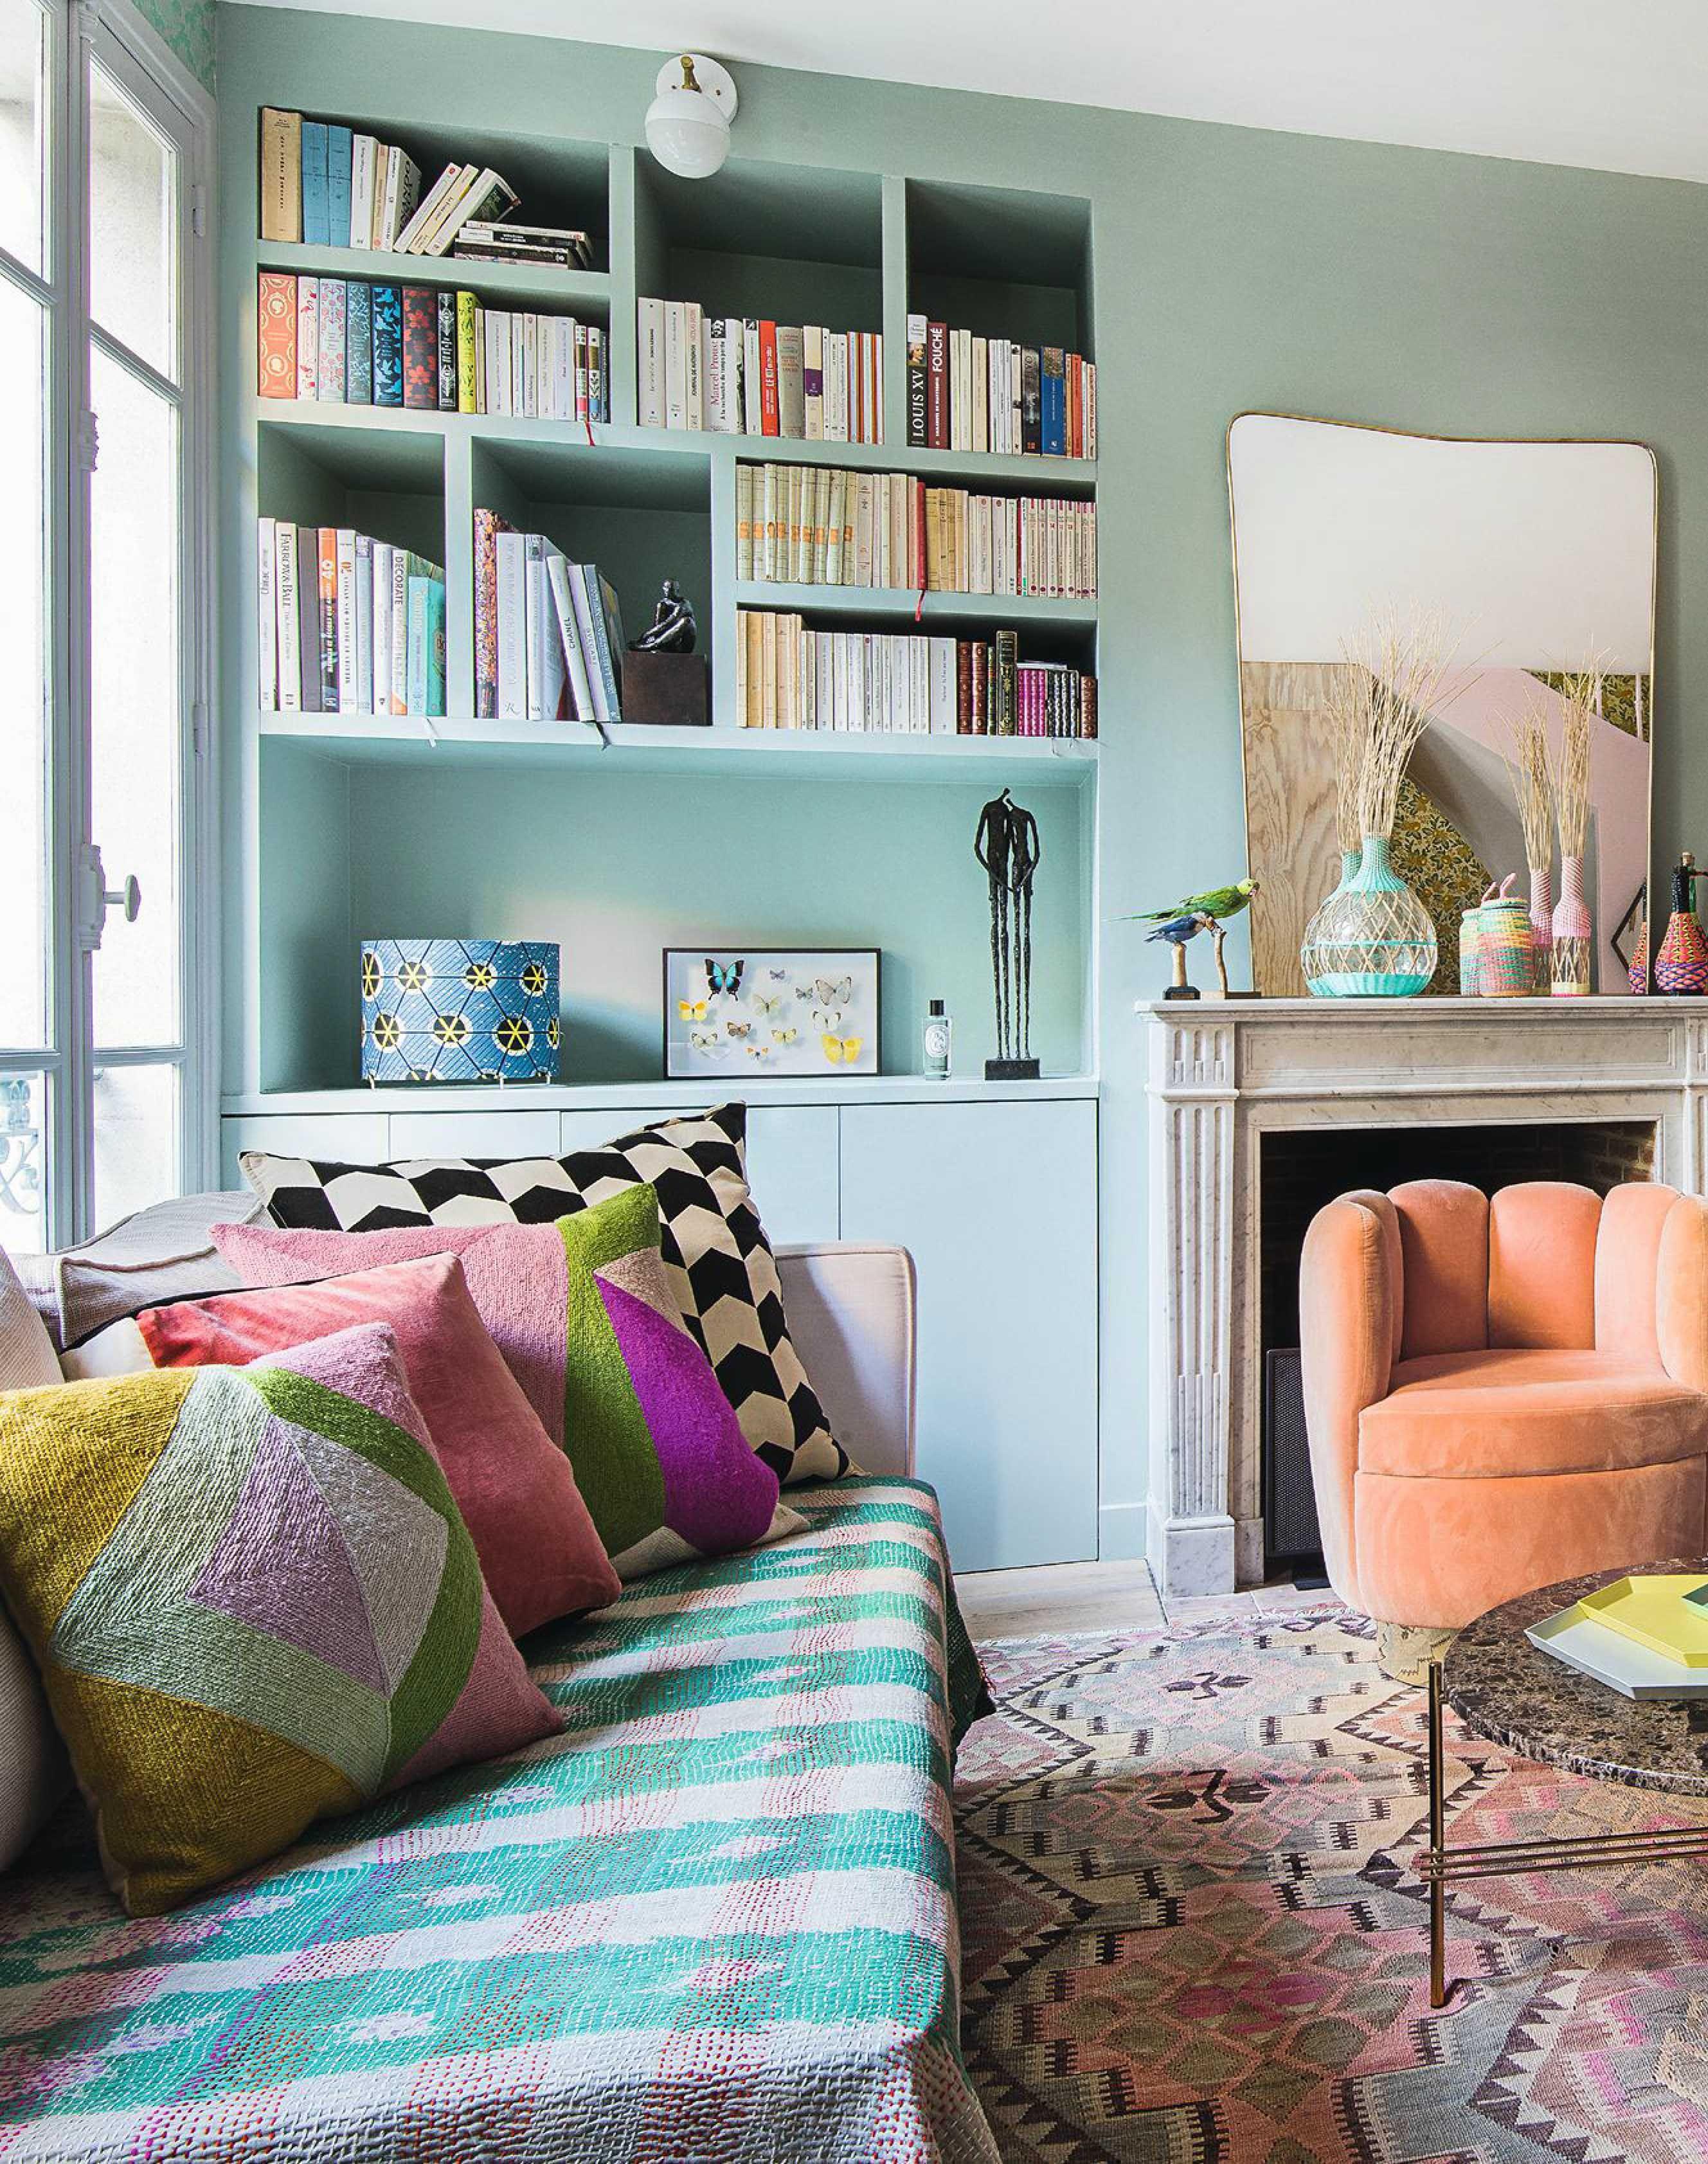 Côté Ouest N129 Mai 2017 Pastels Pinterest Home Decor